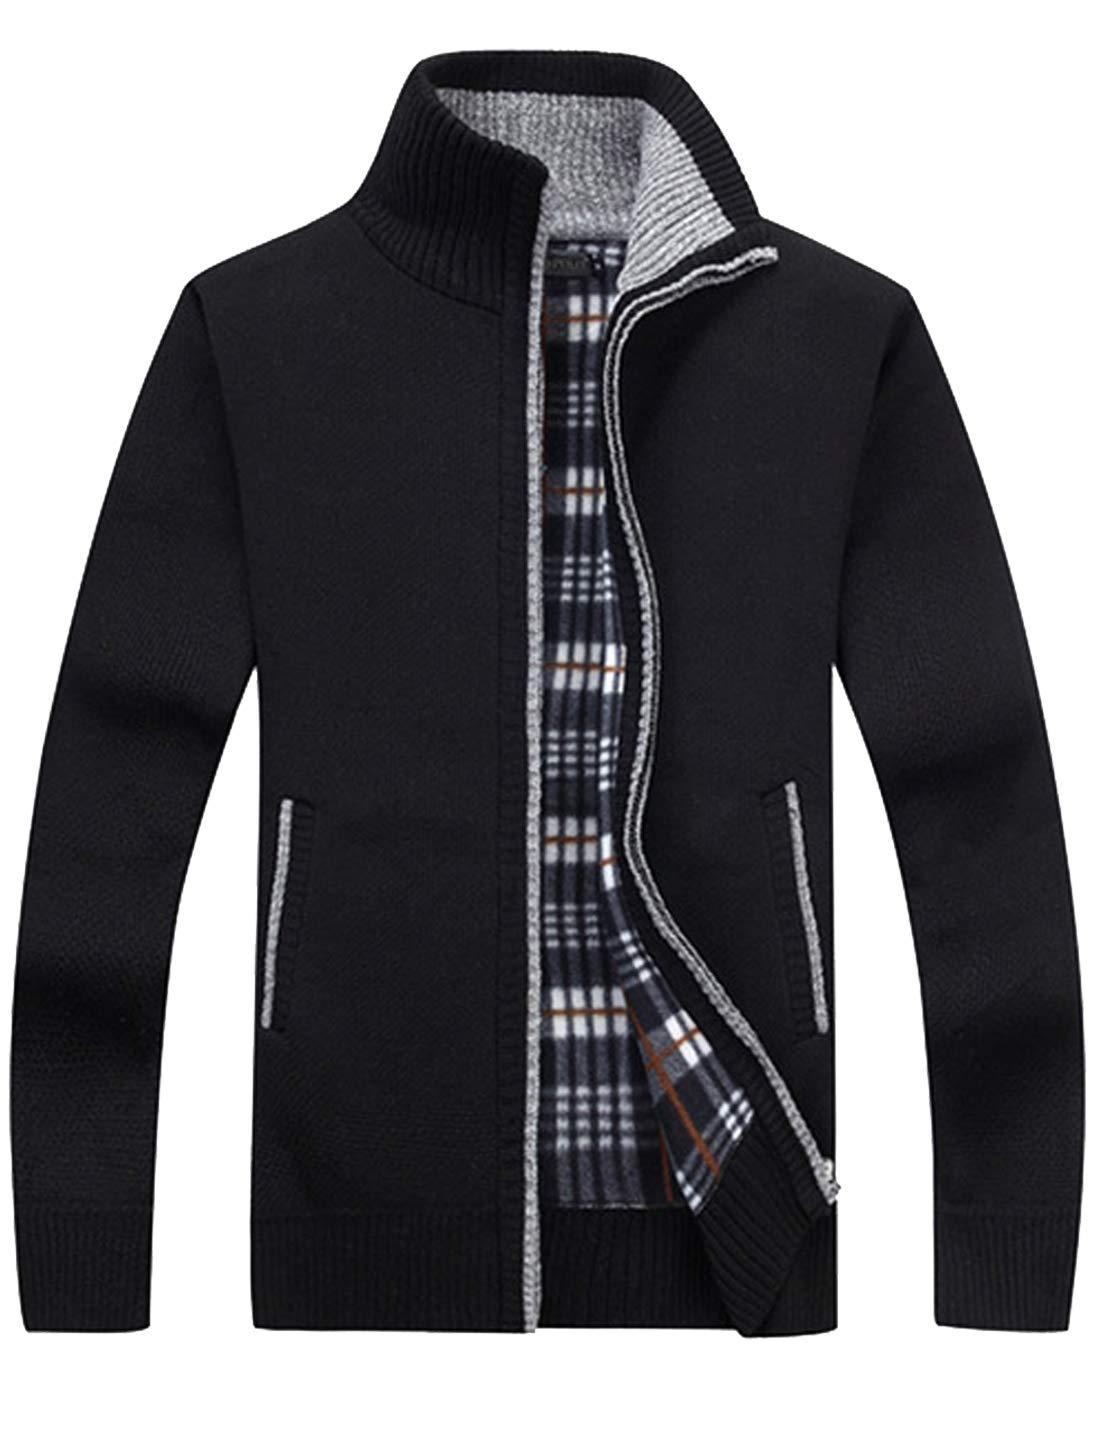 Liengoron Men's Classic Cardigan Motorcycle Sherpa Lined Denim Trucker Jacket Outwear (Black, Large) by Liengoron